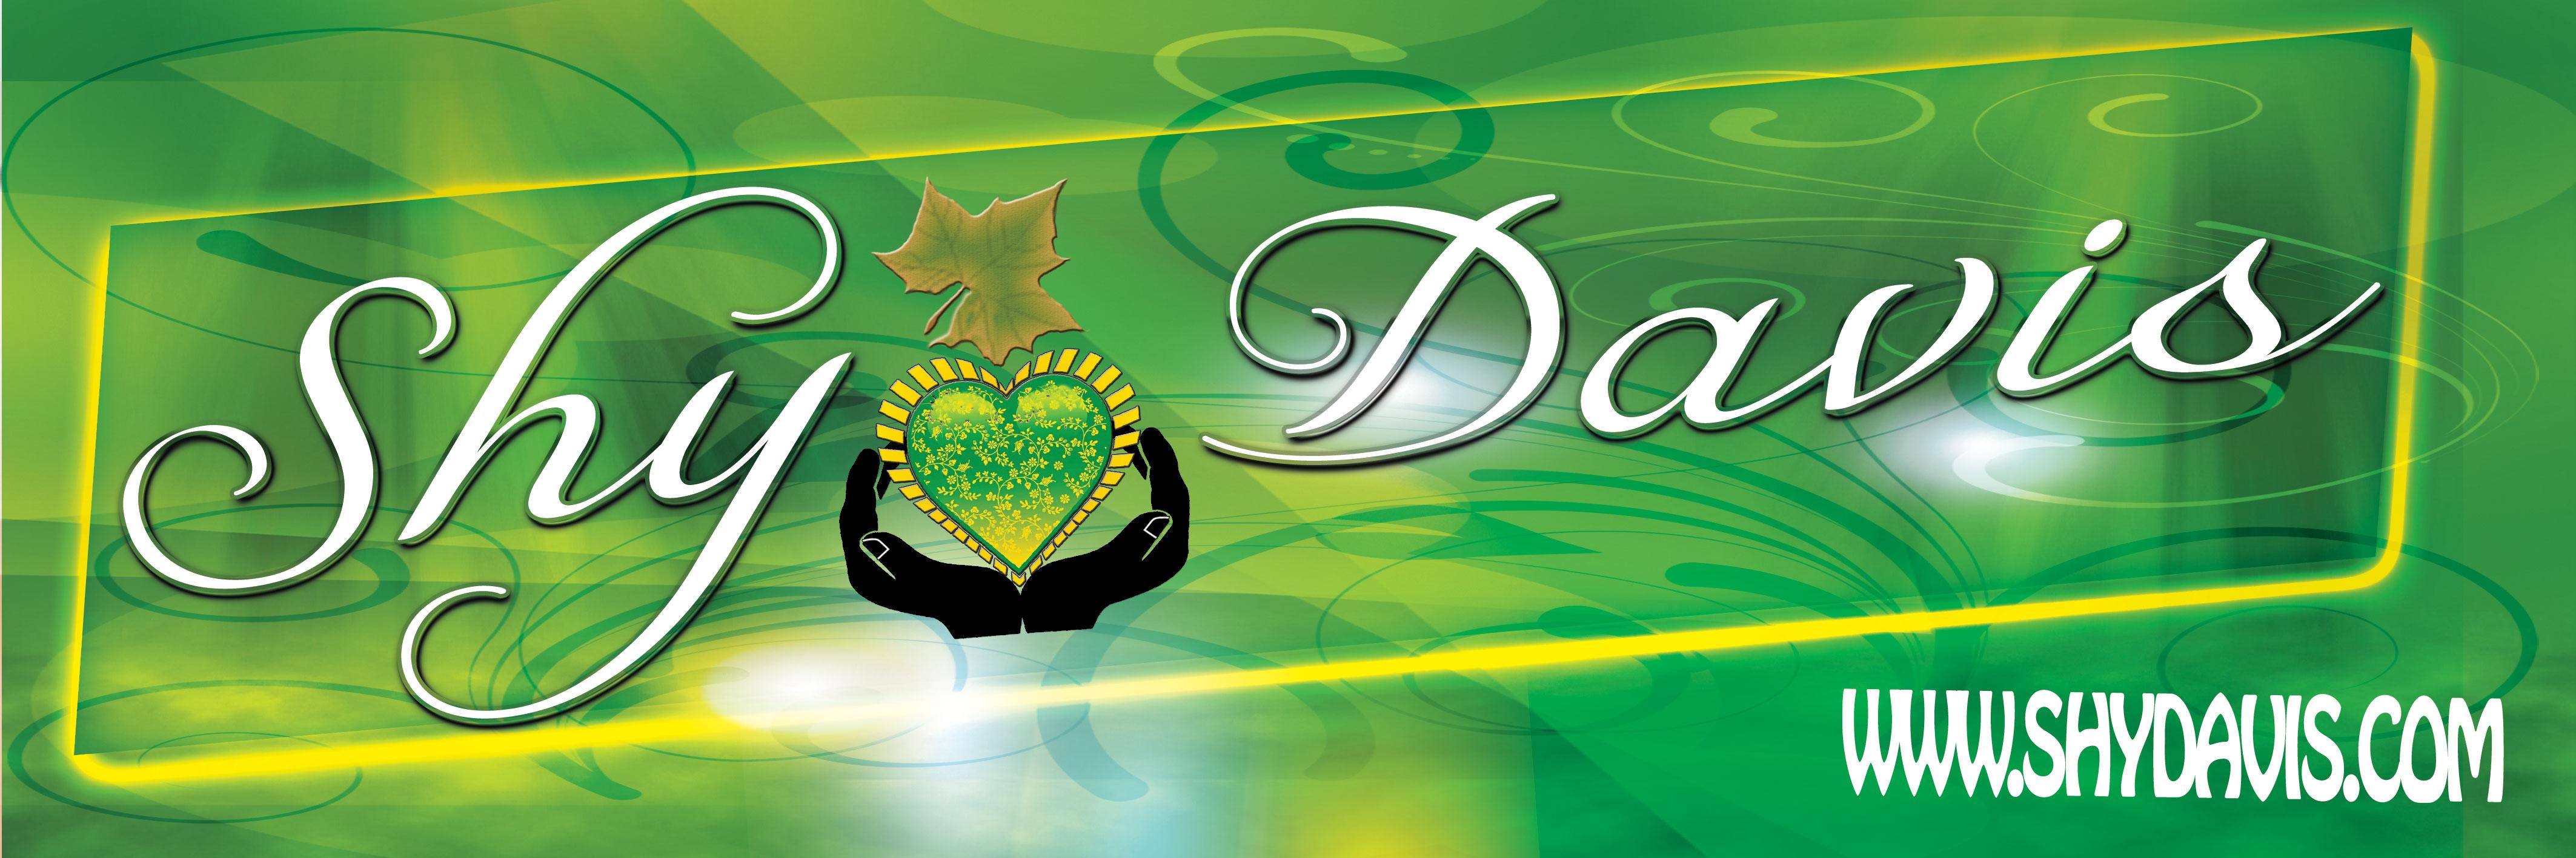 Shy-Davis-Banner-Green